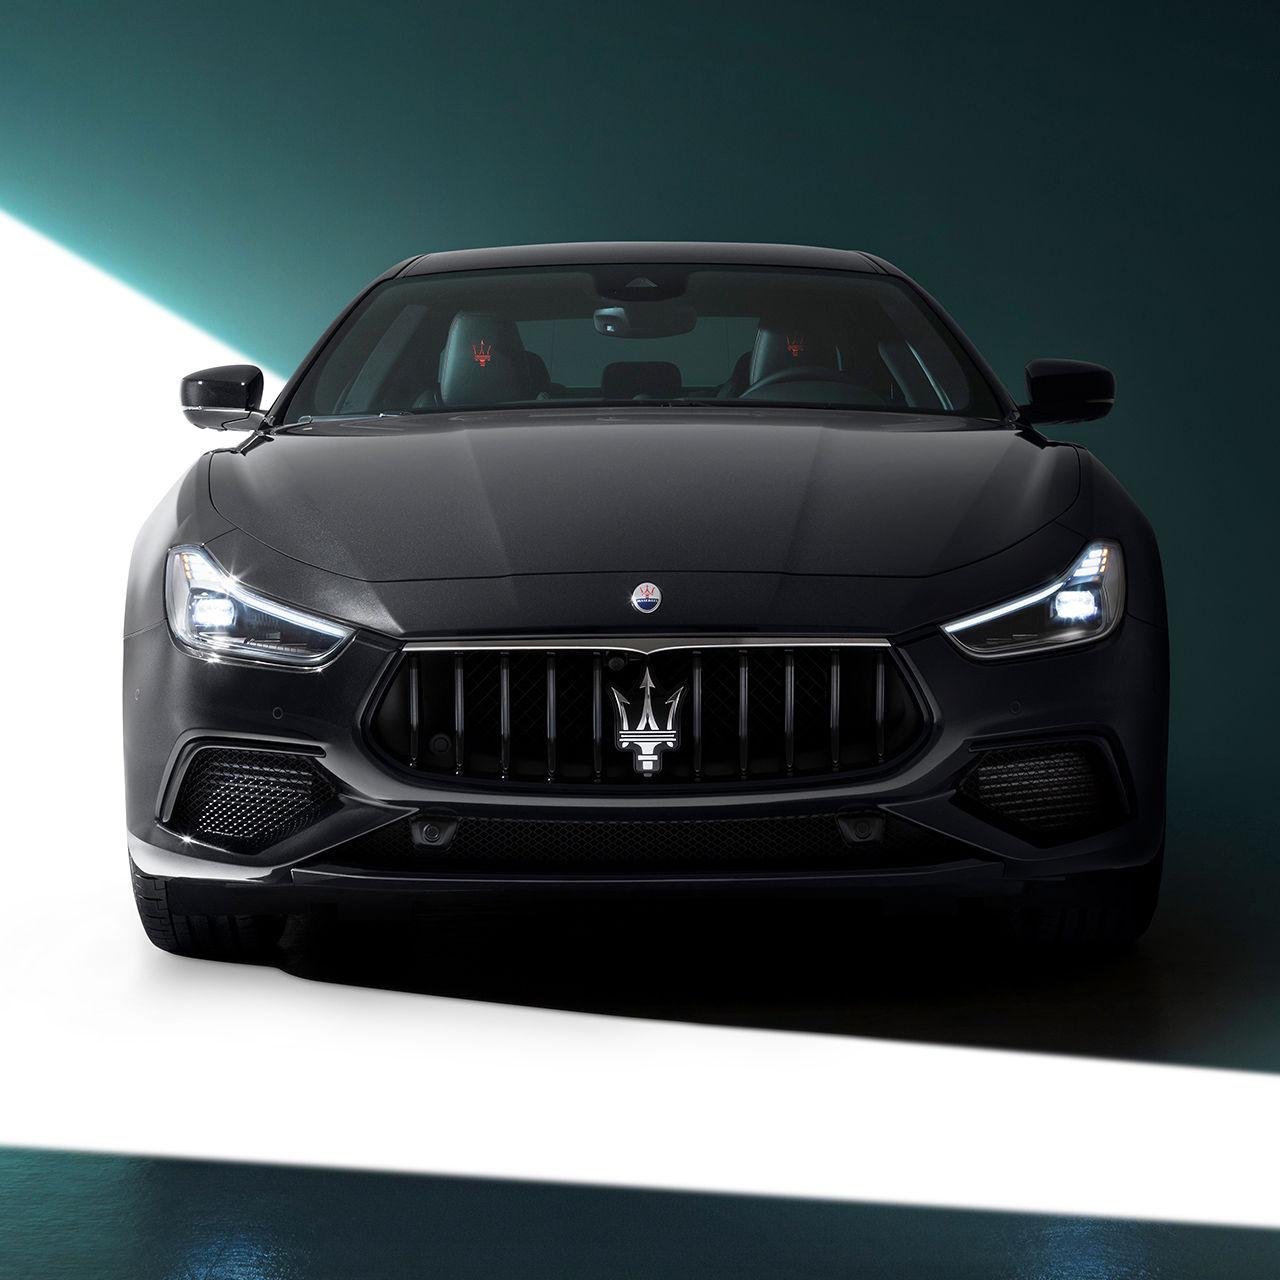 Maserati Ghibli - Frontansicht - Schwarz